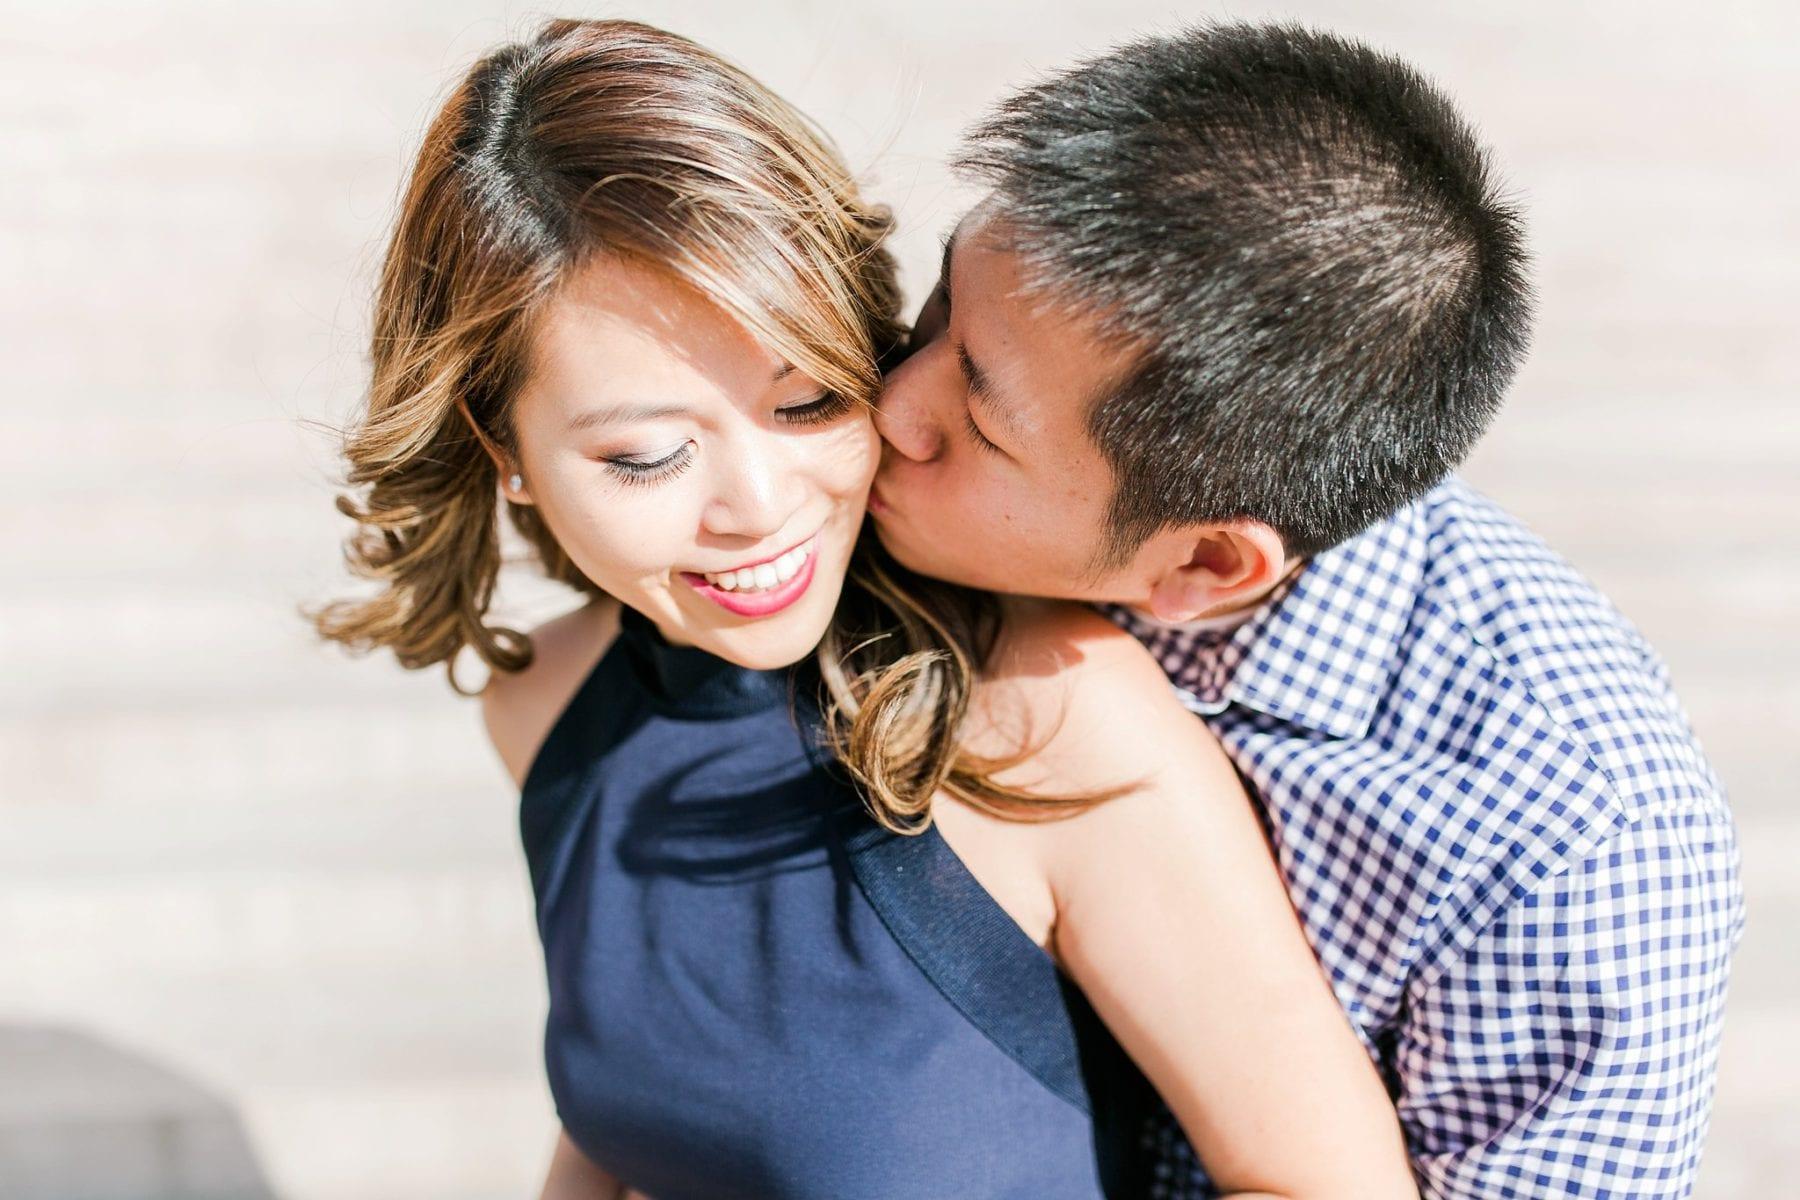 National Gallery of Art Engagement Photos Megan Kelsey Photography Washington DC Wedding Photographer Sy-yu & Anthony-42.jpg